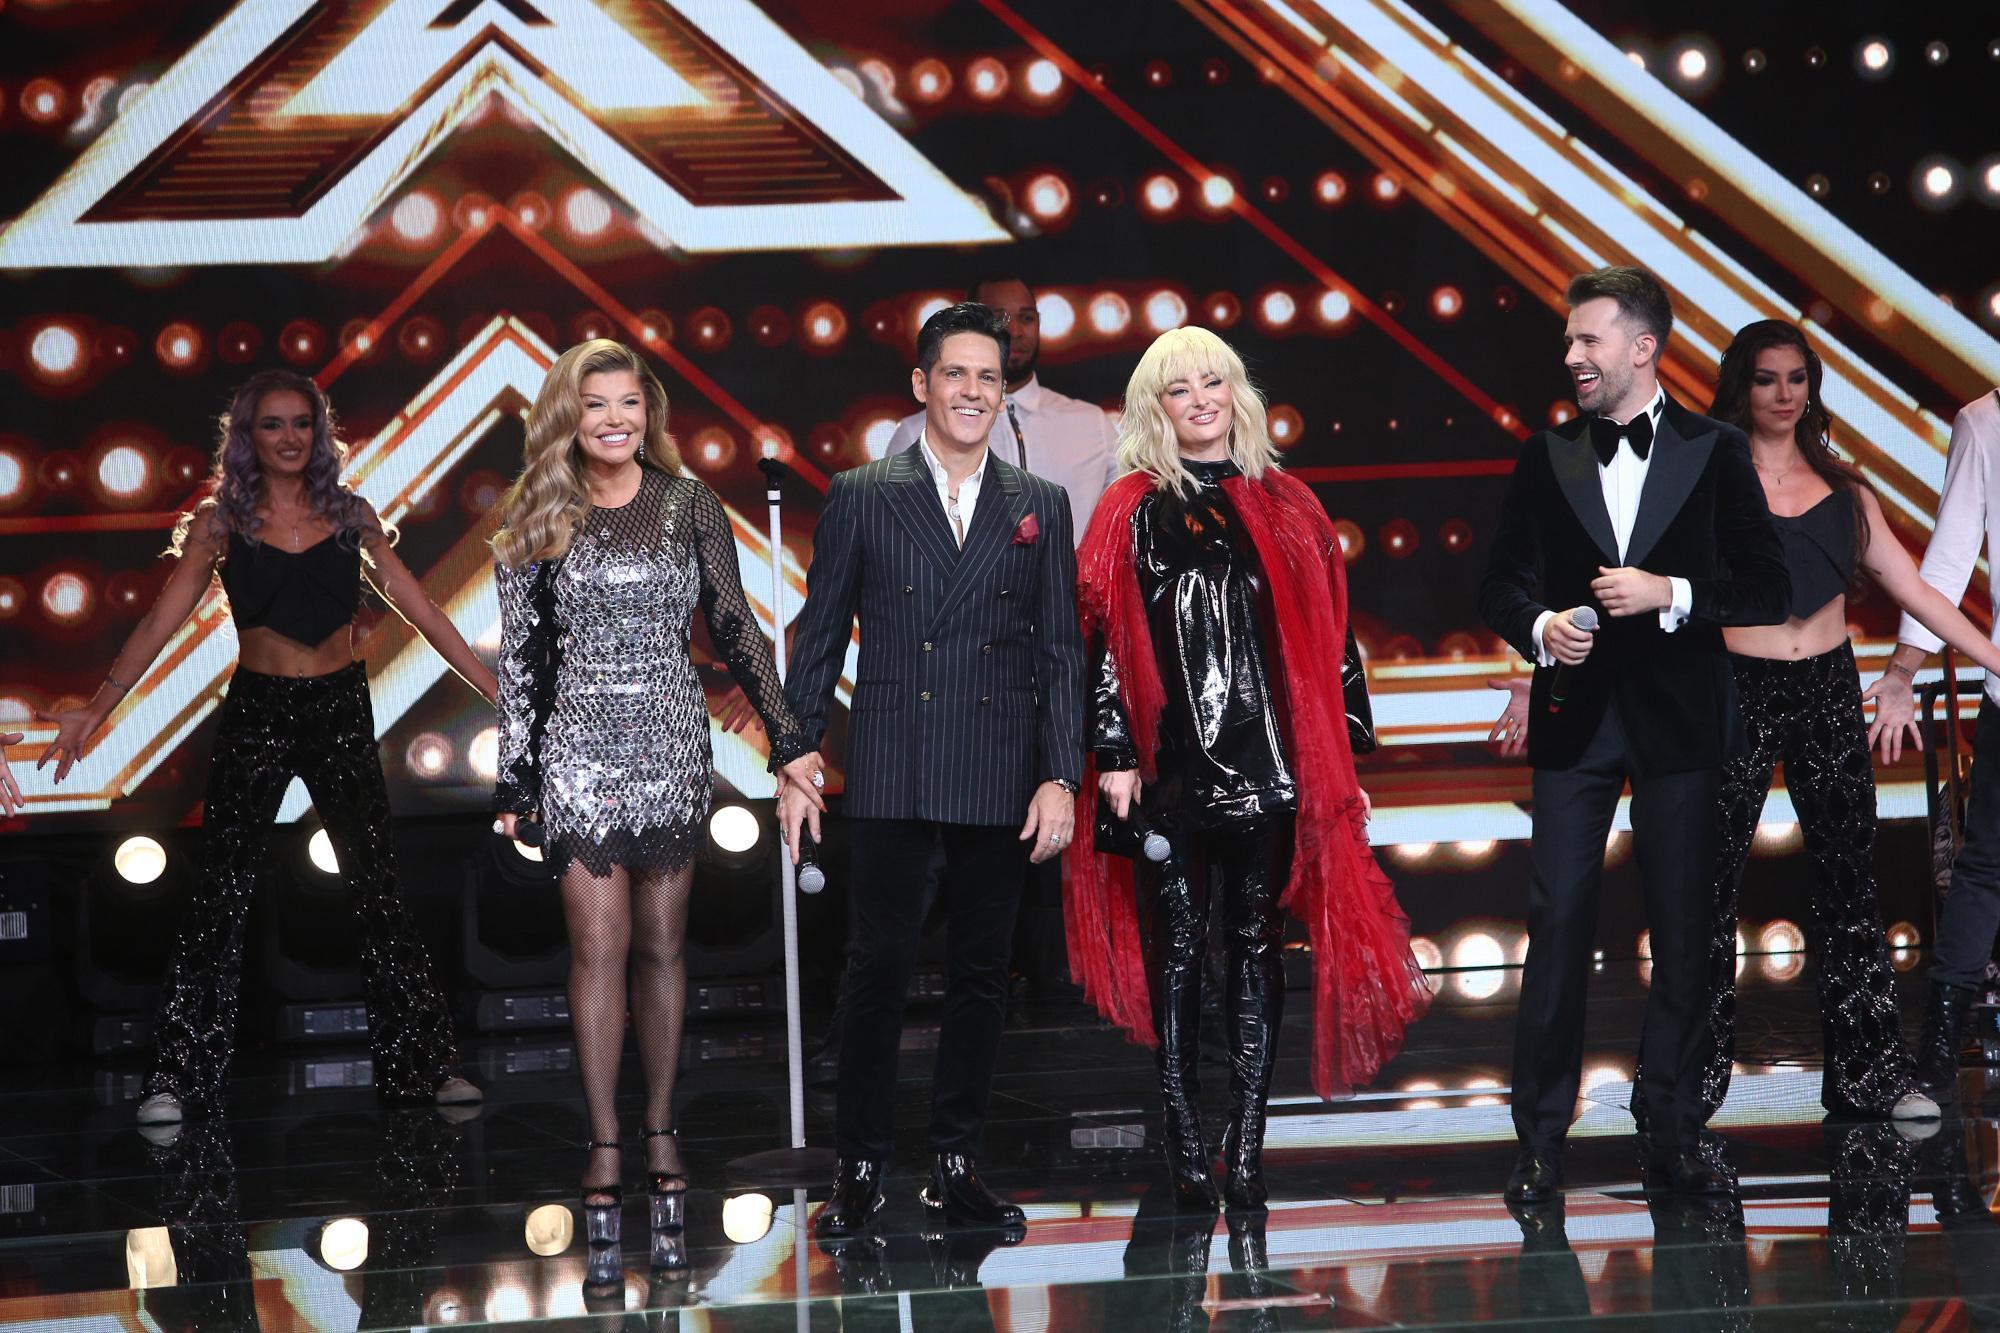 Finala X Factor 2020. Jurații au deschis seara cu un show de senzație. Ce ținute au purtat Delia, Loredana, Bănică și Ristei